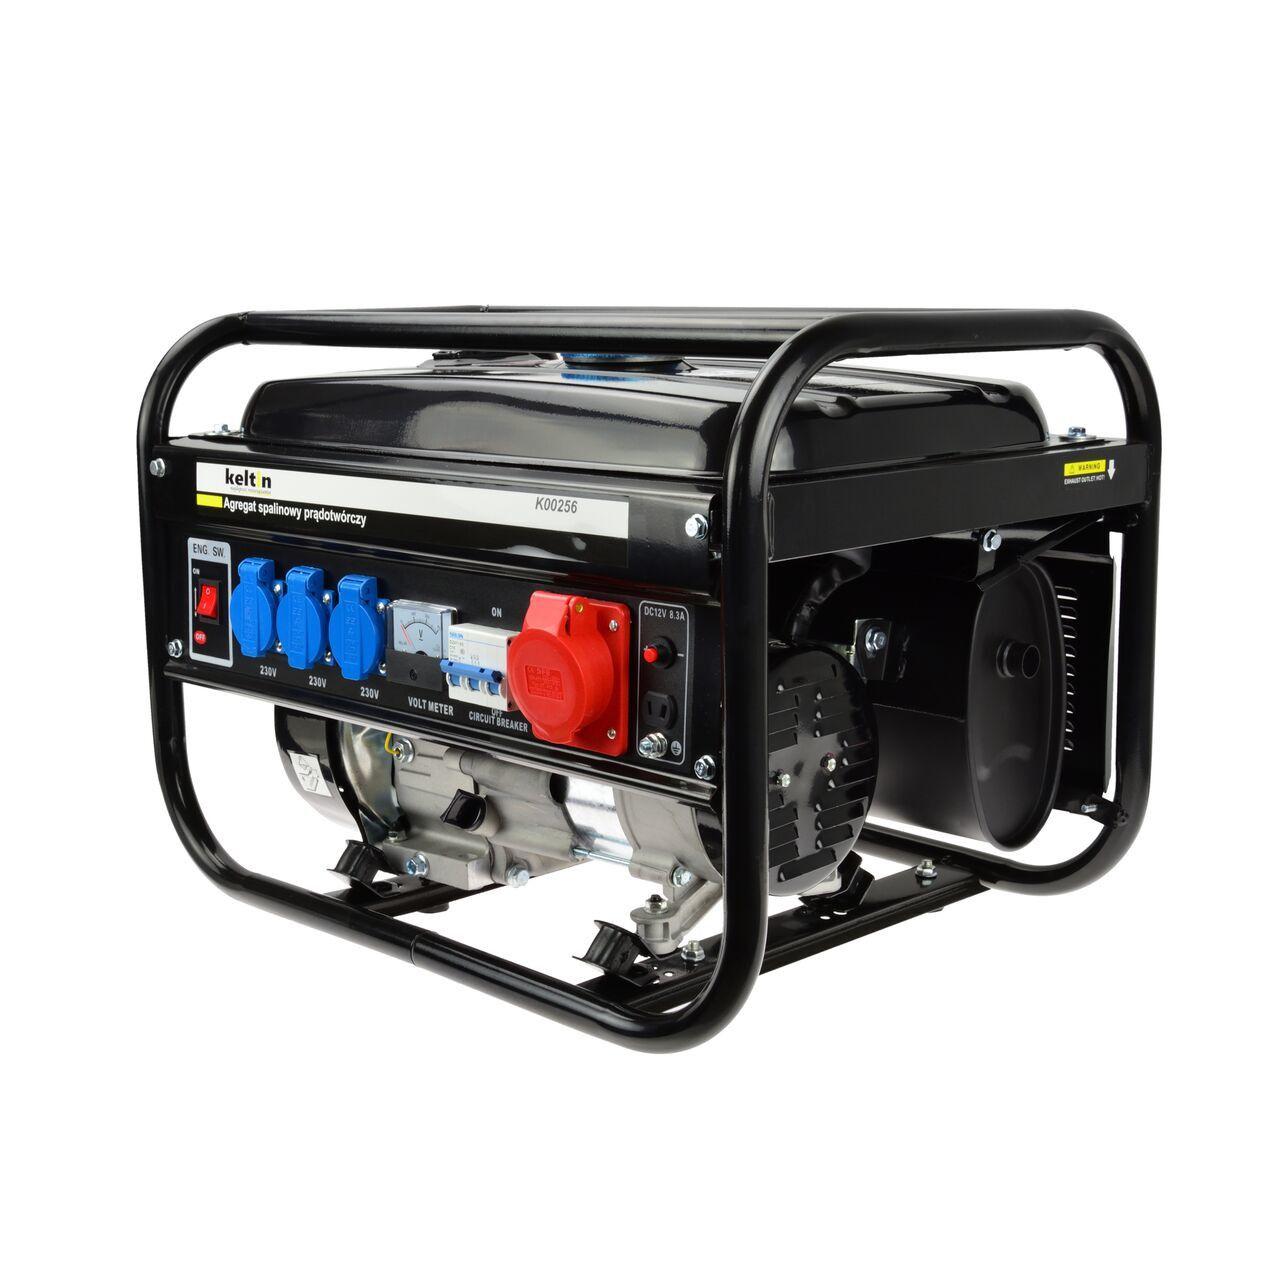 Ce este un generator electric?